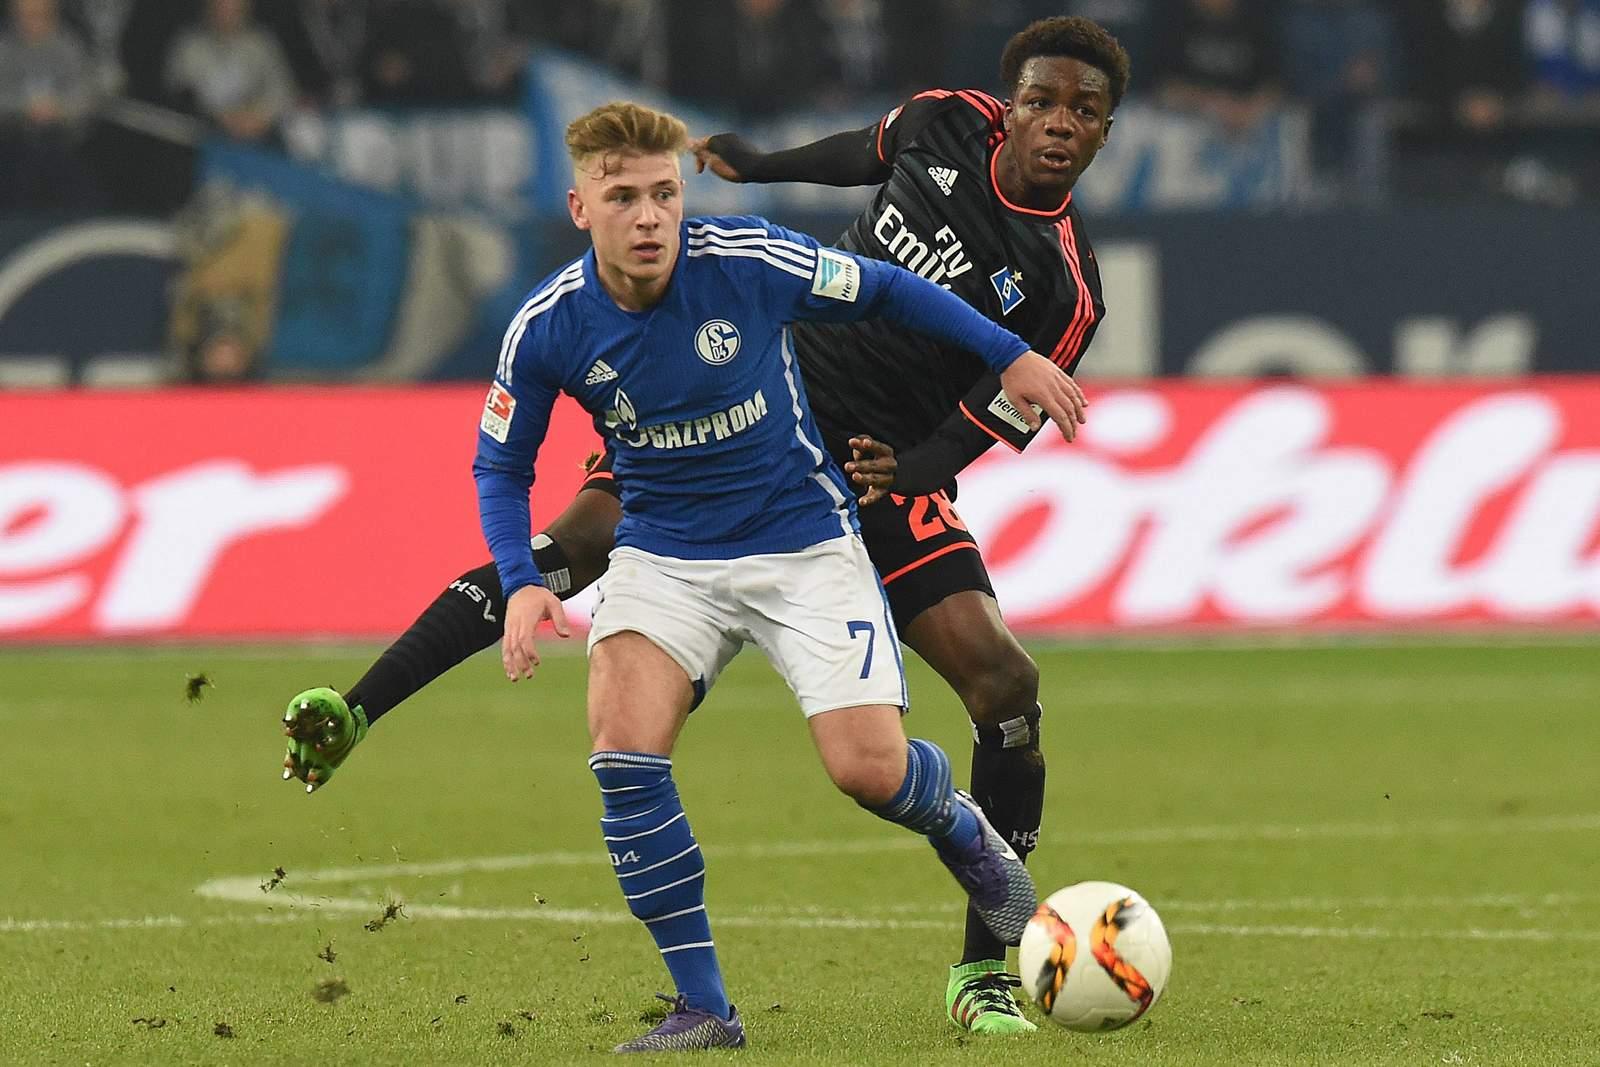 Max Meyer im Duell mit Gideon Jung. Jetzt auf die Partie Schalke gegen HSV wetten.